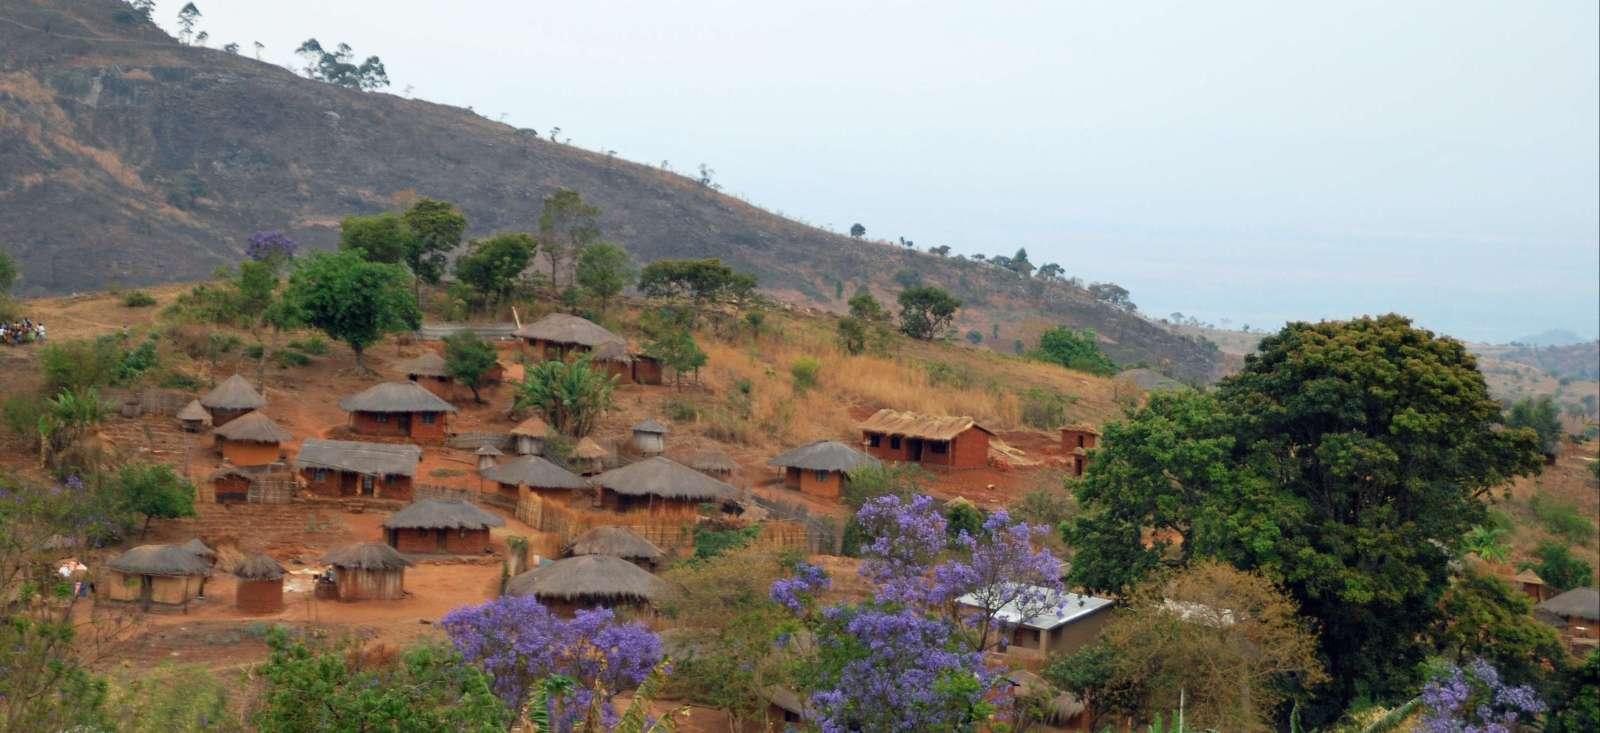 Voyage à pied Malawi : La Zambie Malawi en version tout confort...